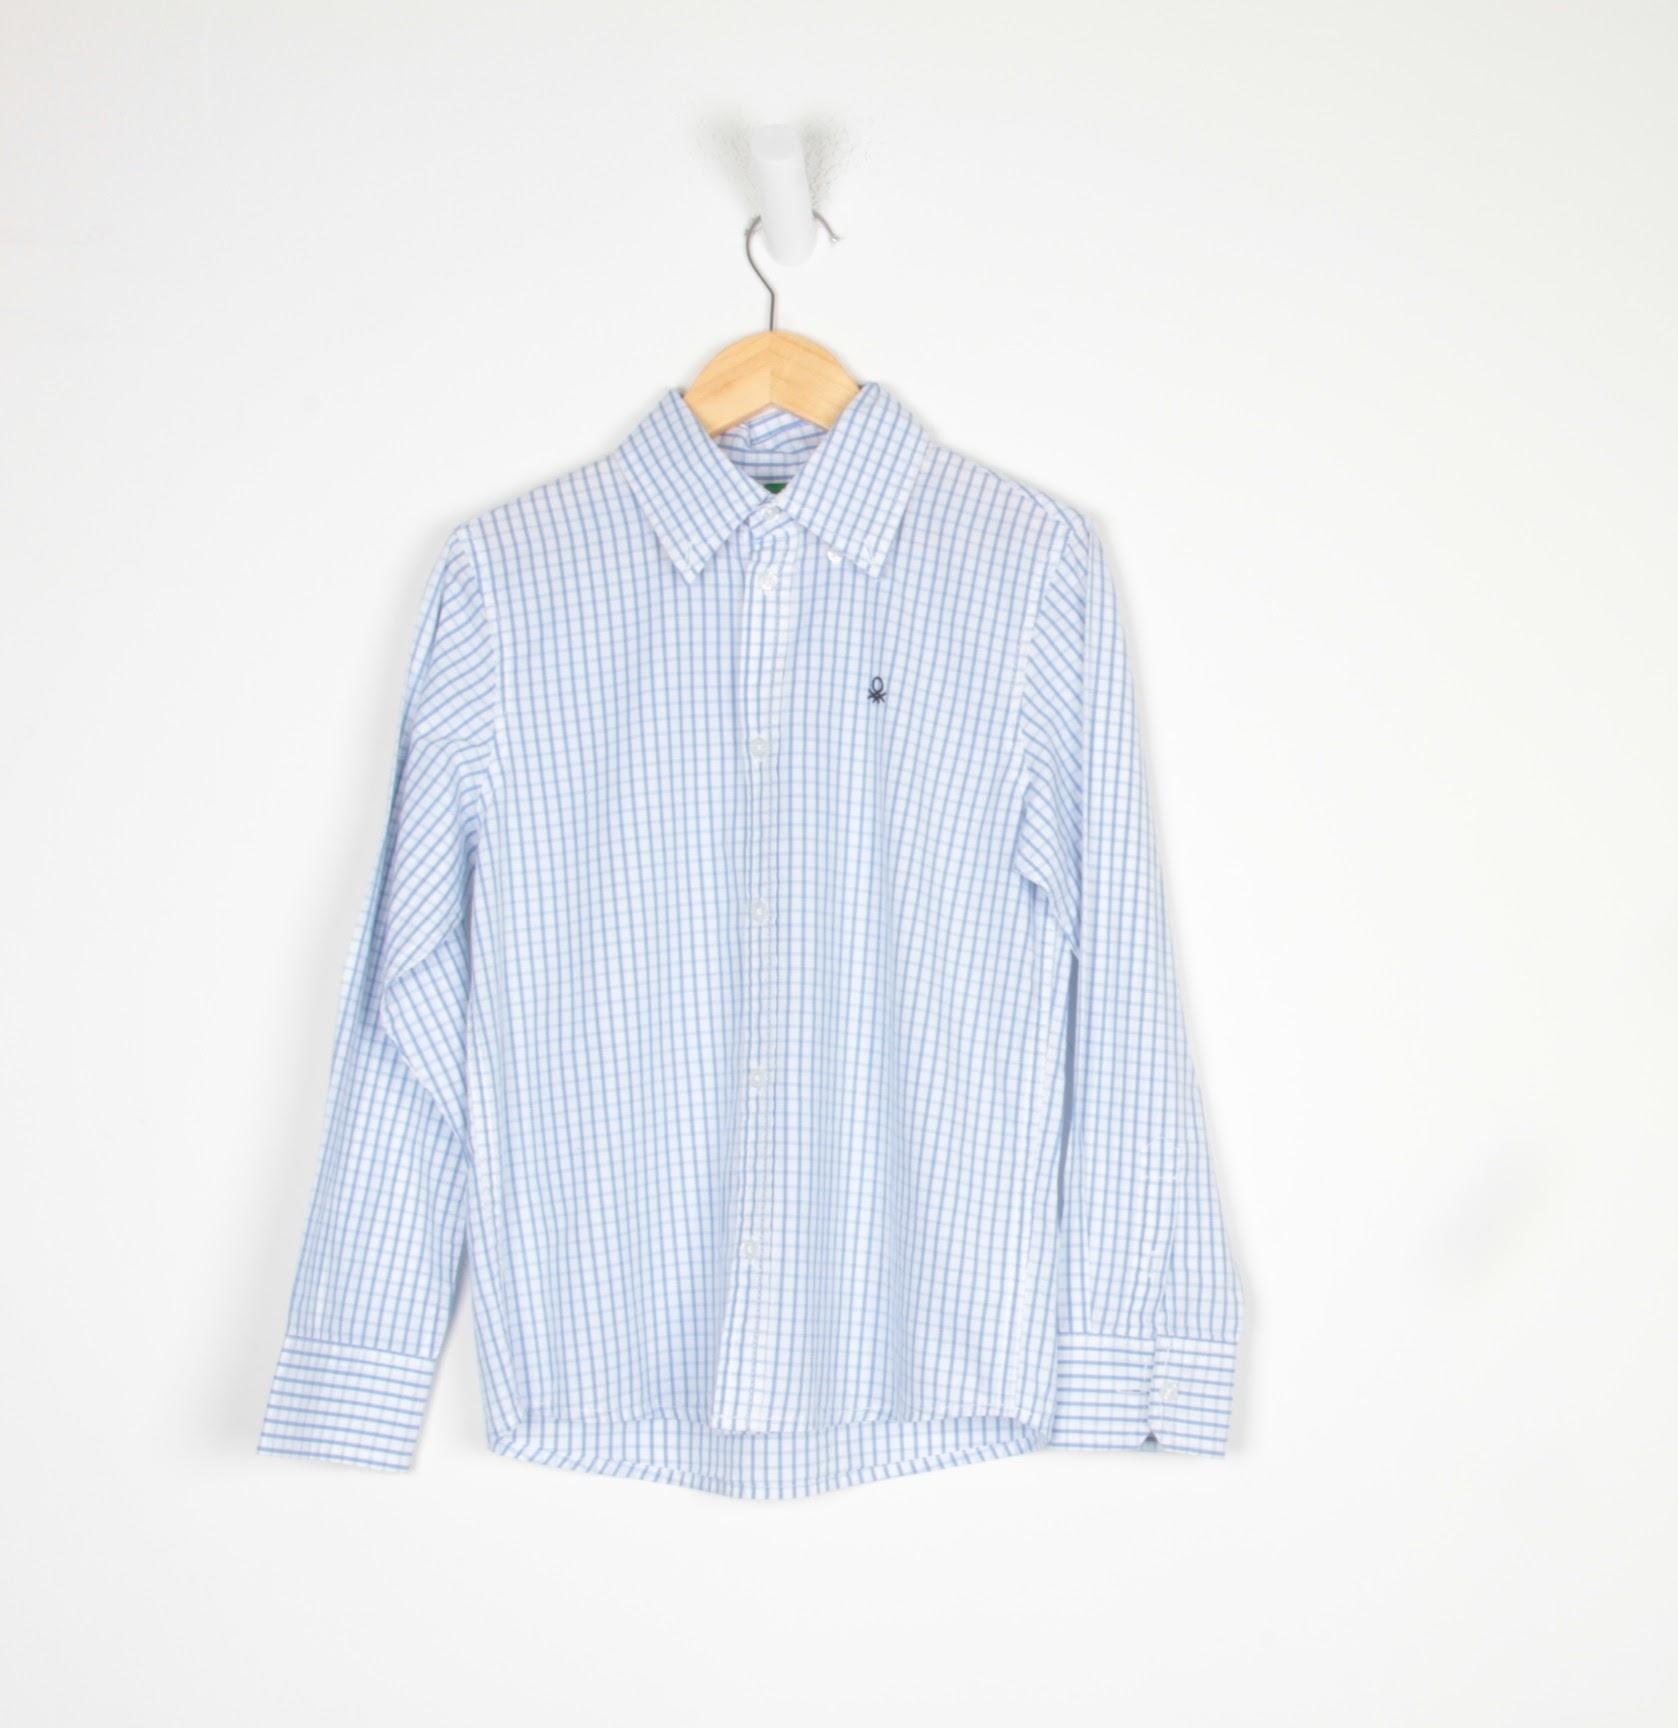 Camisa Manga Longa - United Colors Of Beneton